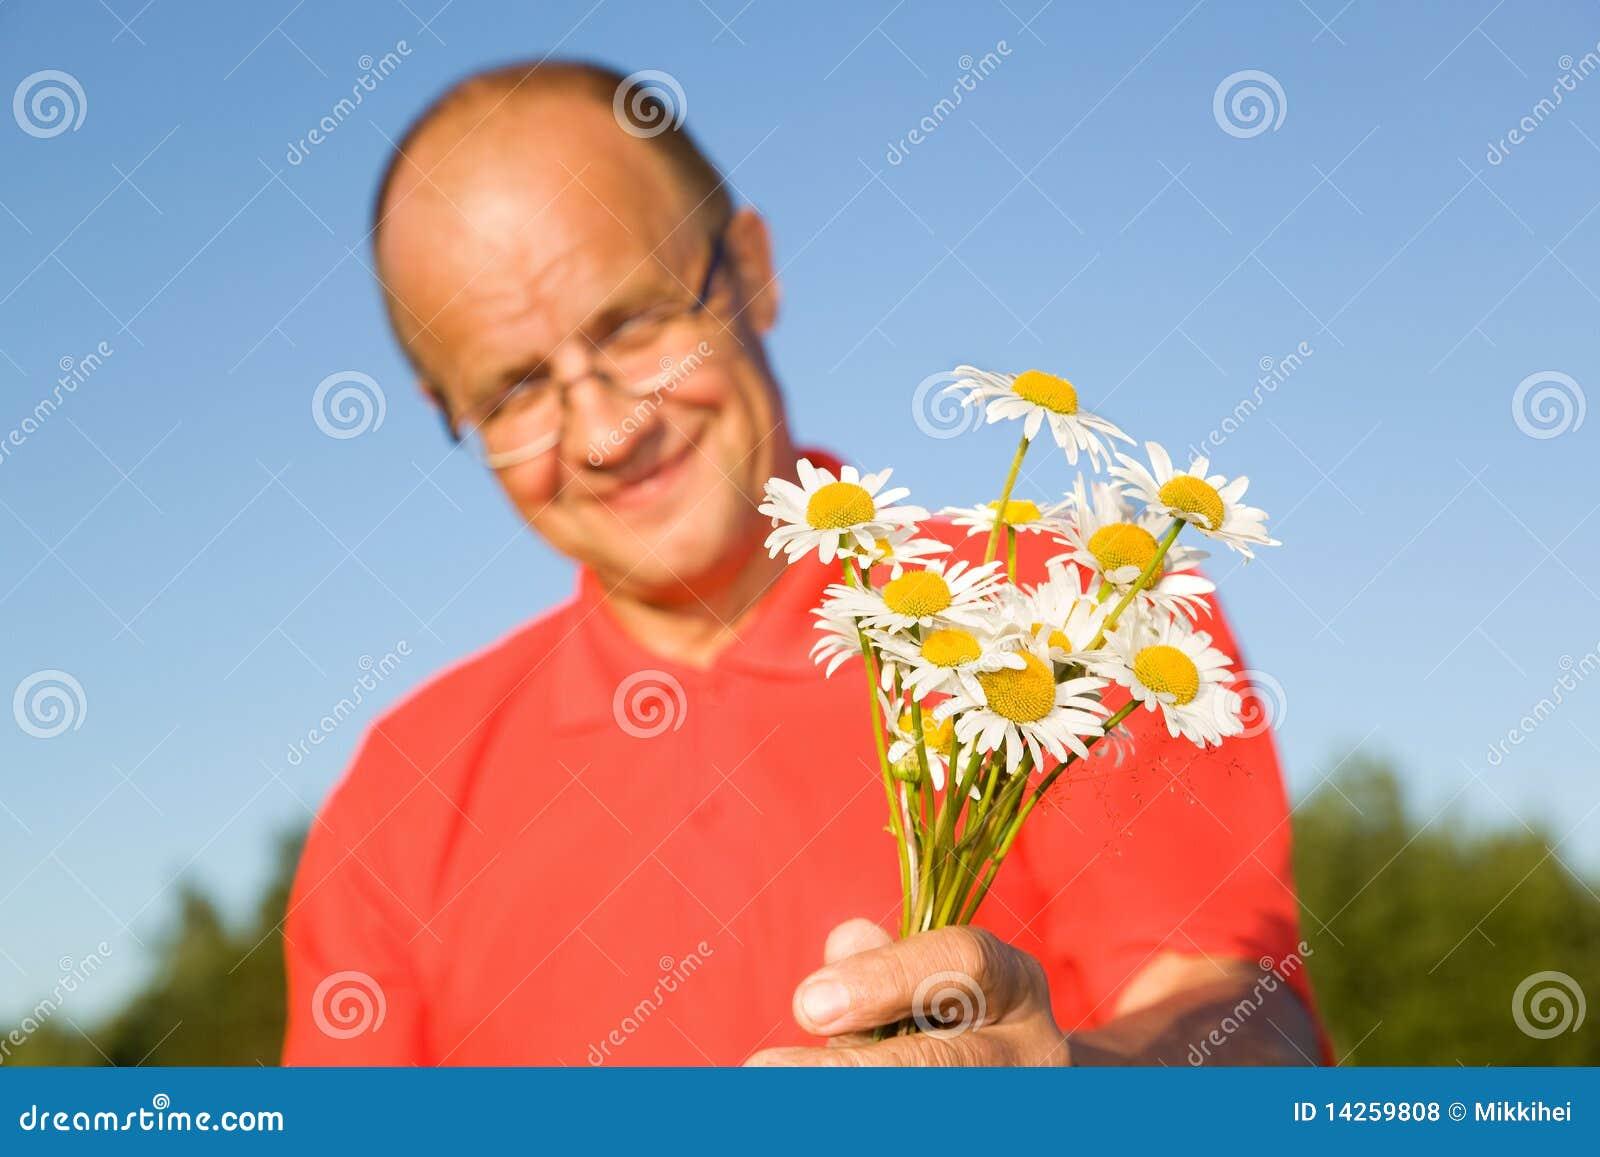 Von mittlerem Alter Mann, der Blumen gibt